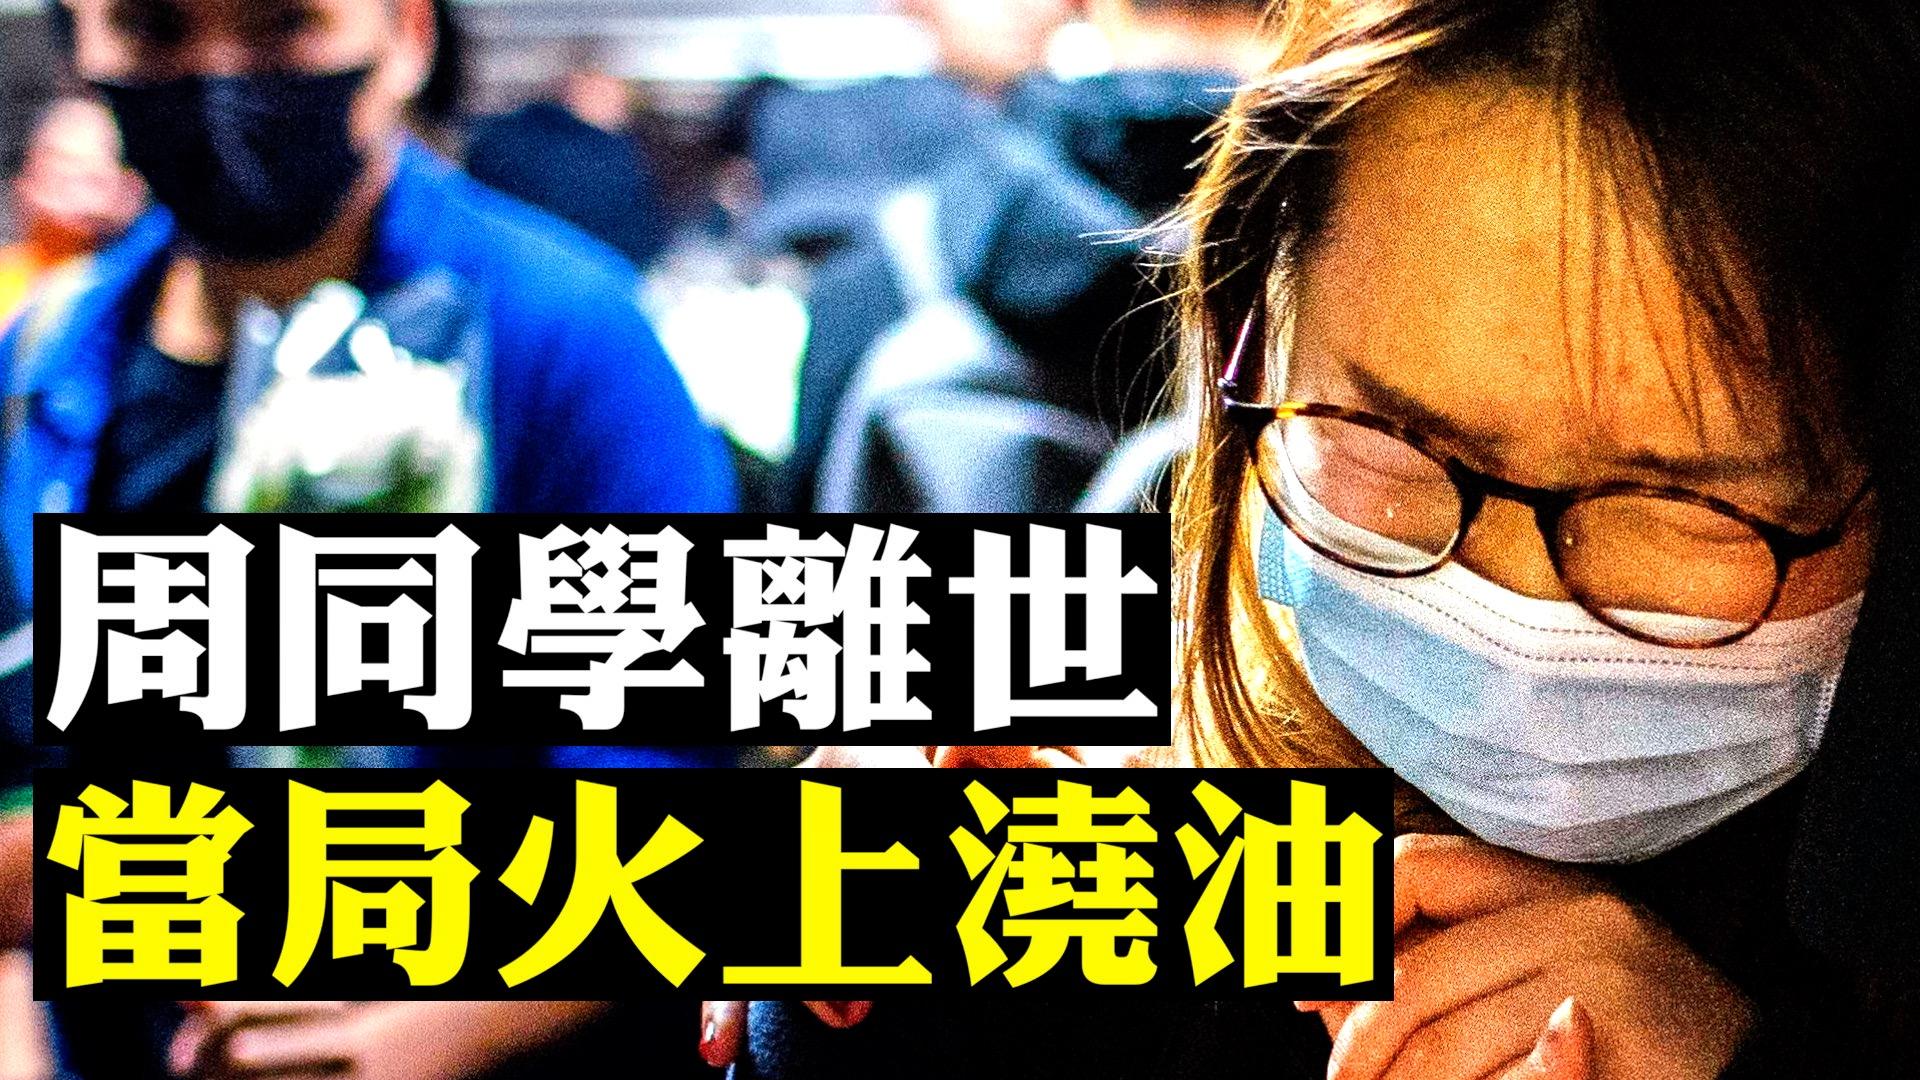 香港科大周同學的離世,外界估計會激發更多抗爭活動,港府在同一天,又展開對民主派立法會議員的拘捕行動,此舉極易令局勢升級。(新唐人合成)